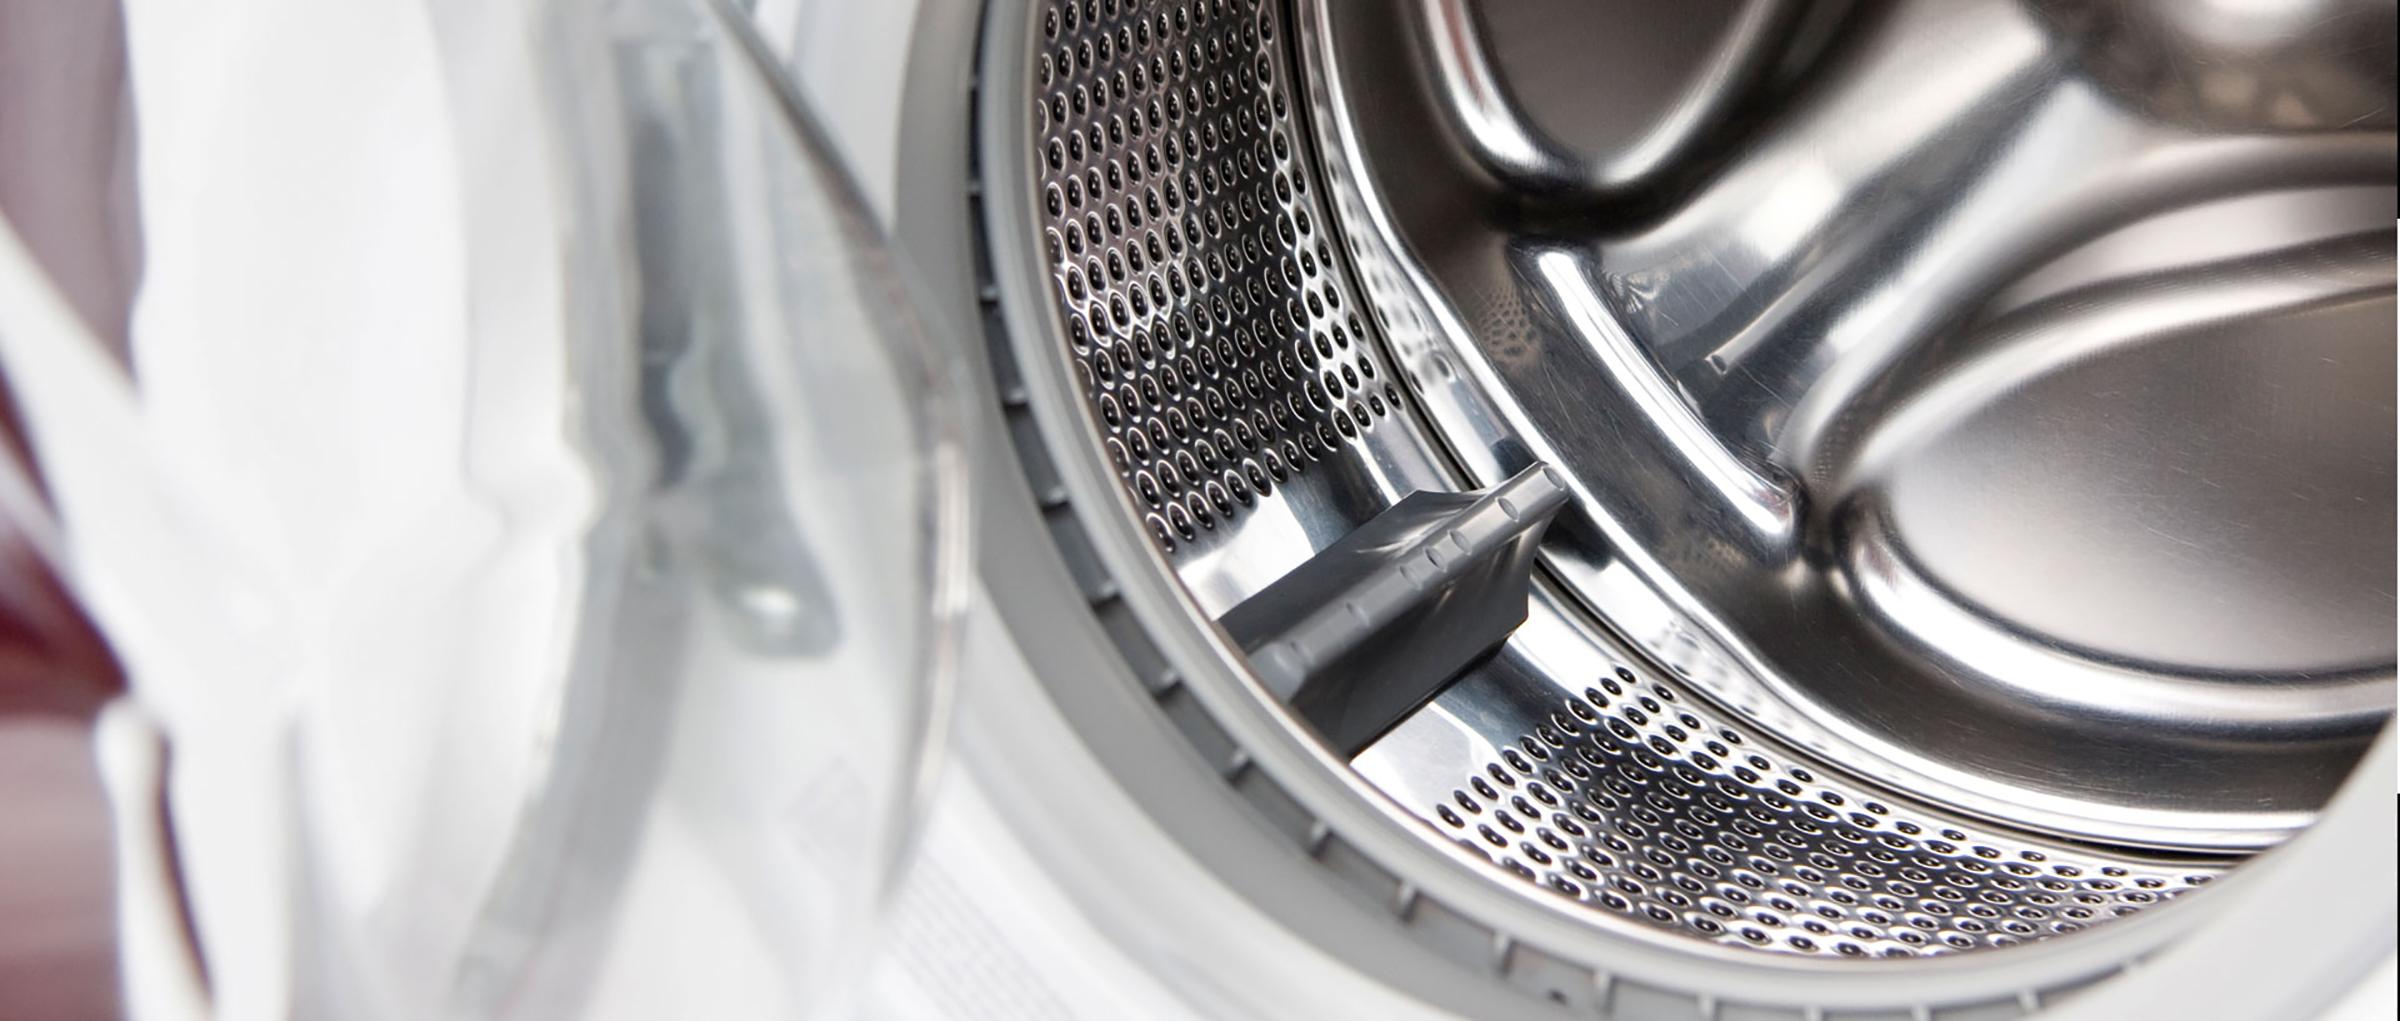 Как почистить стиральную машину: простые домашние способы